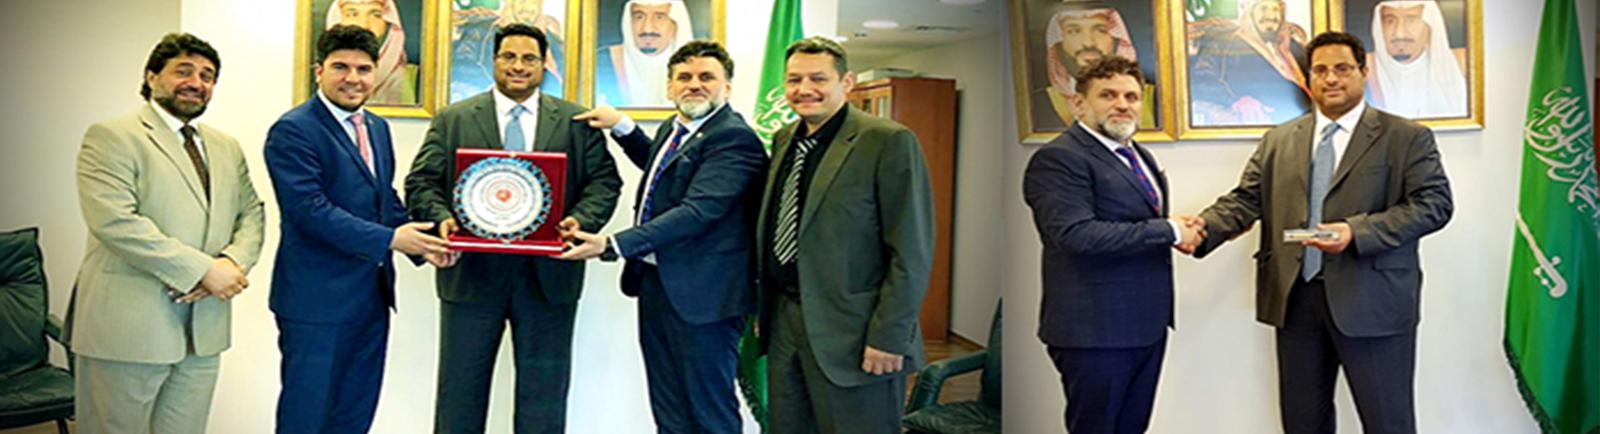 Suudi Arabistan Başkonsolosluğunda Toplantı